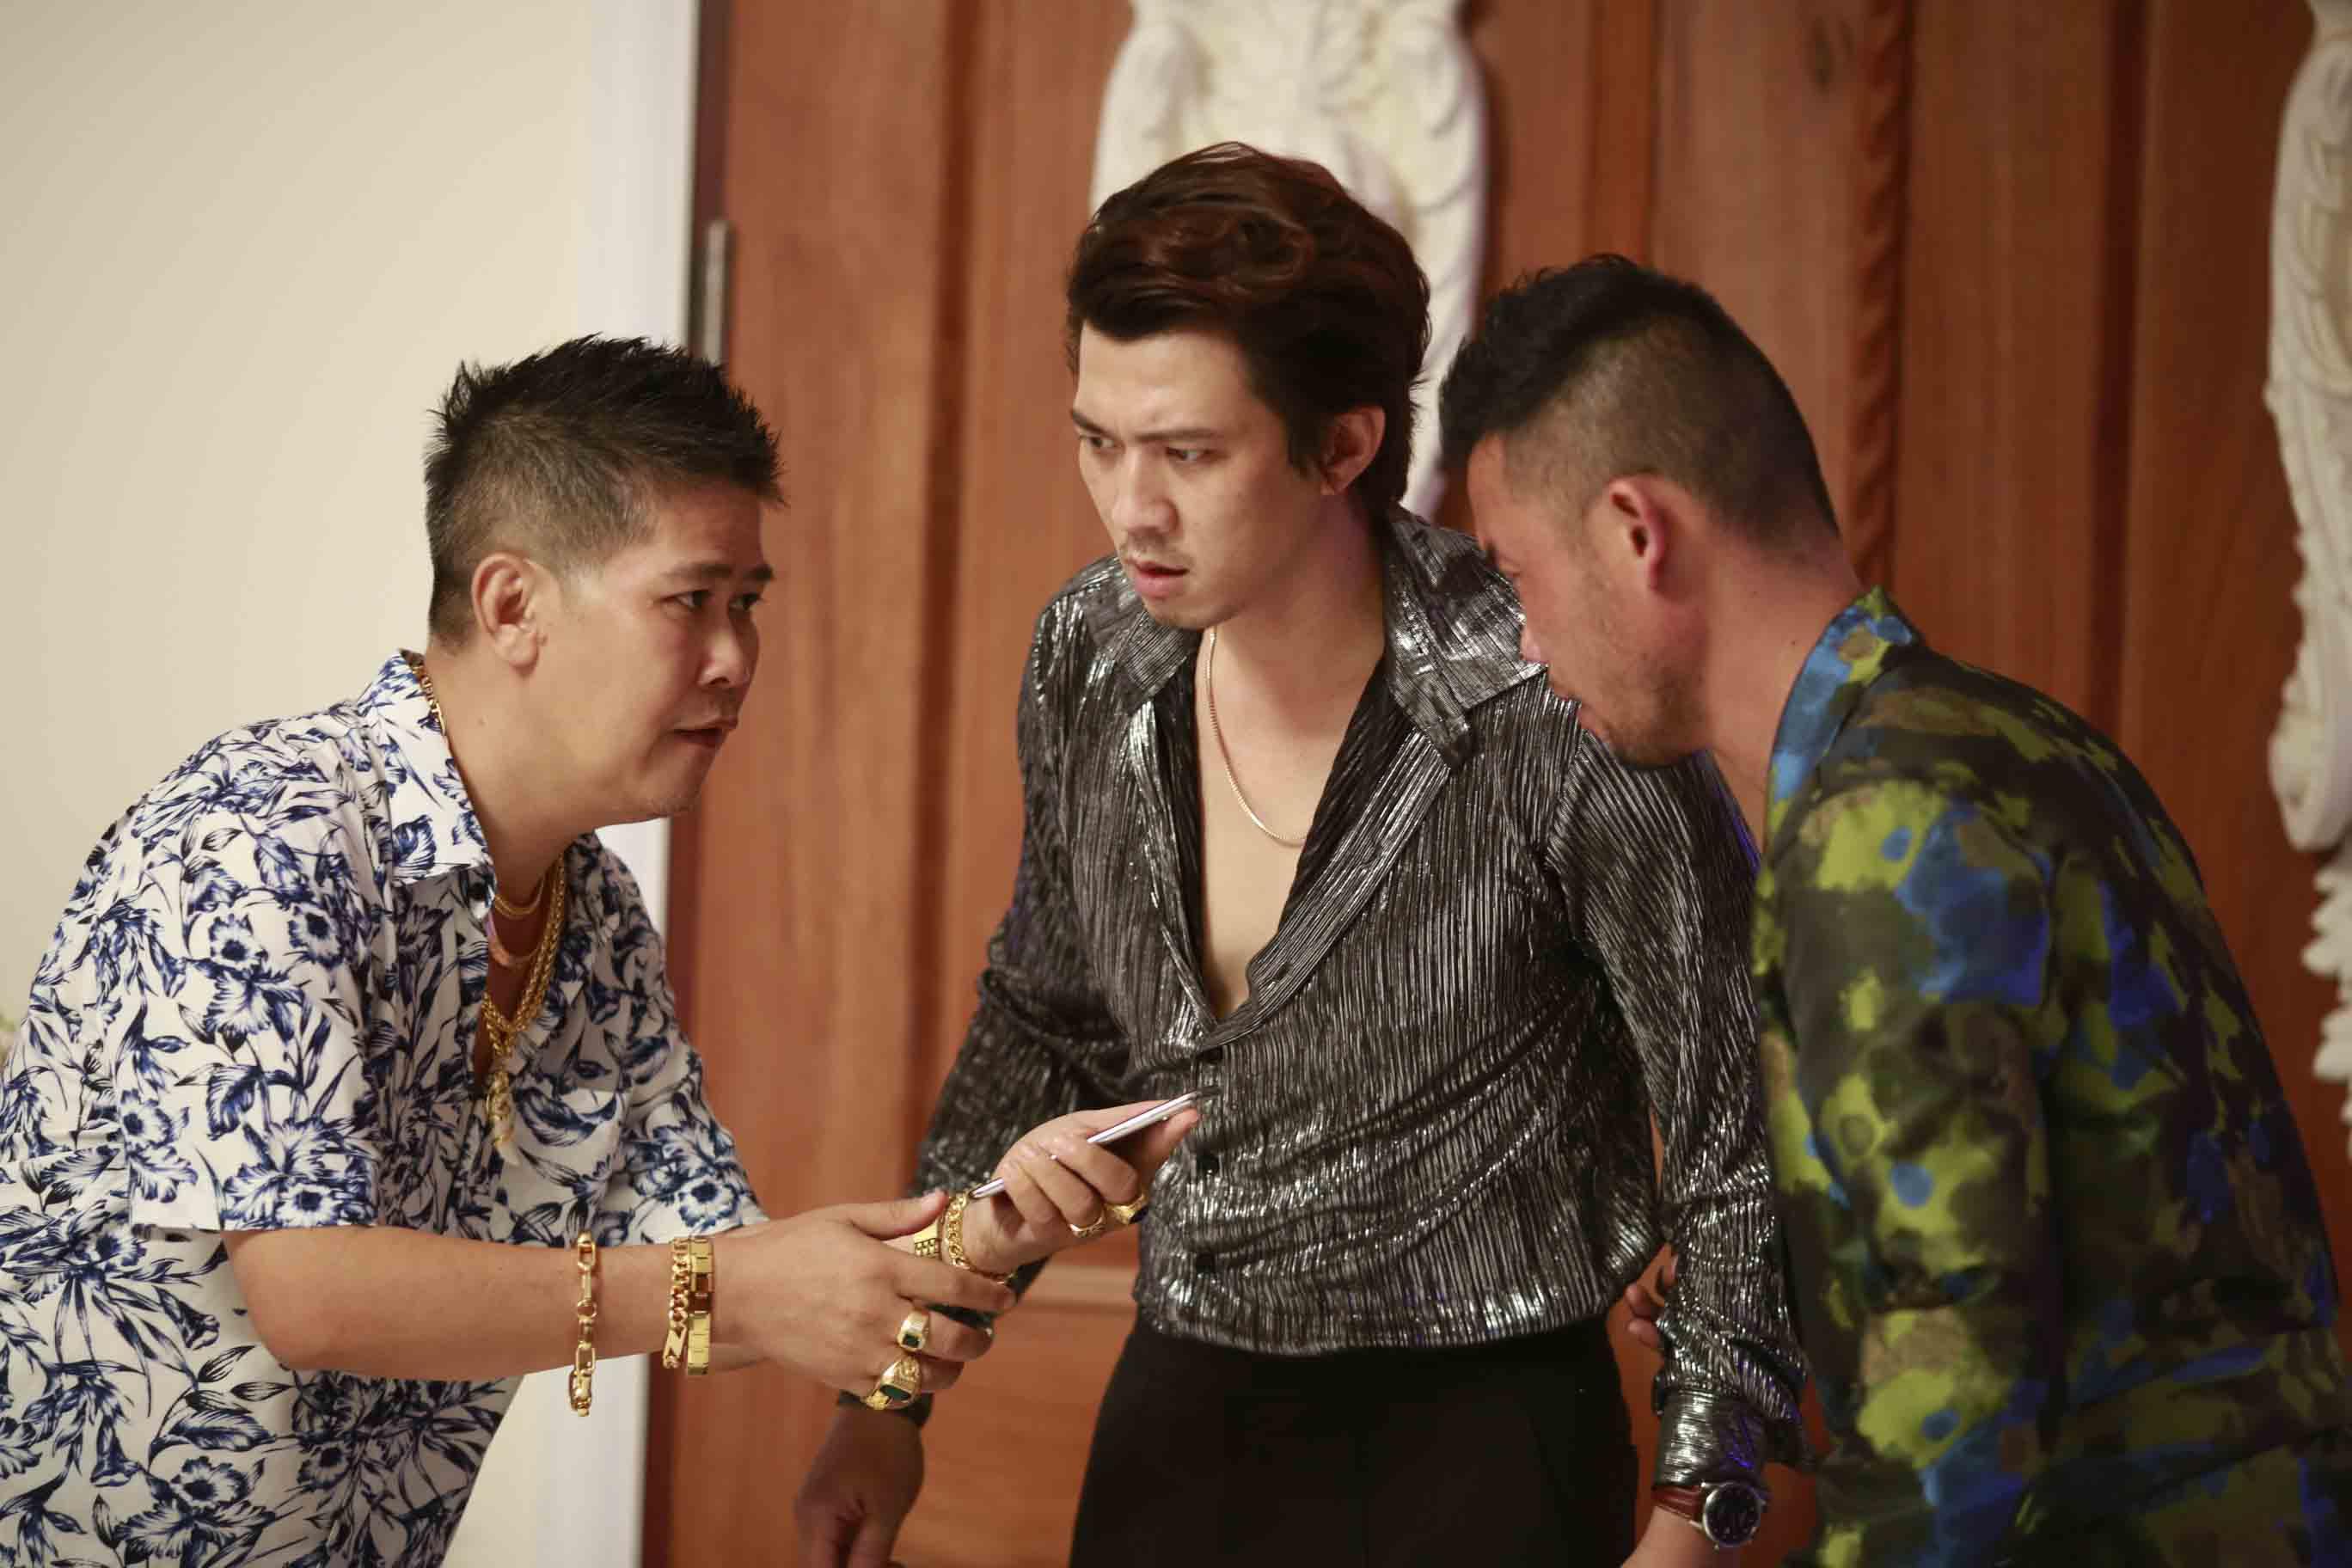 8 năm sau ly hôn: Phước Sang né tránh tin có vợ mới, Kim Thư vất vả nuôi 2 con - 5